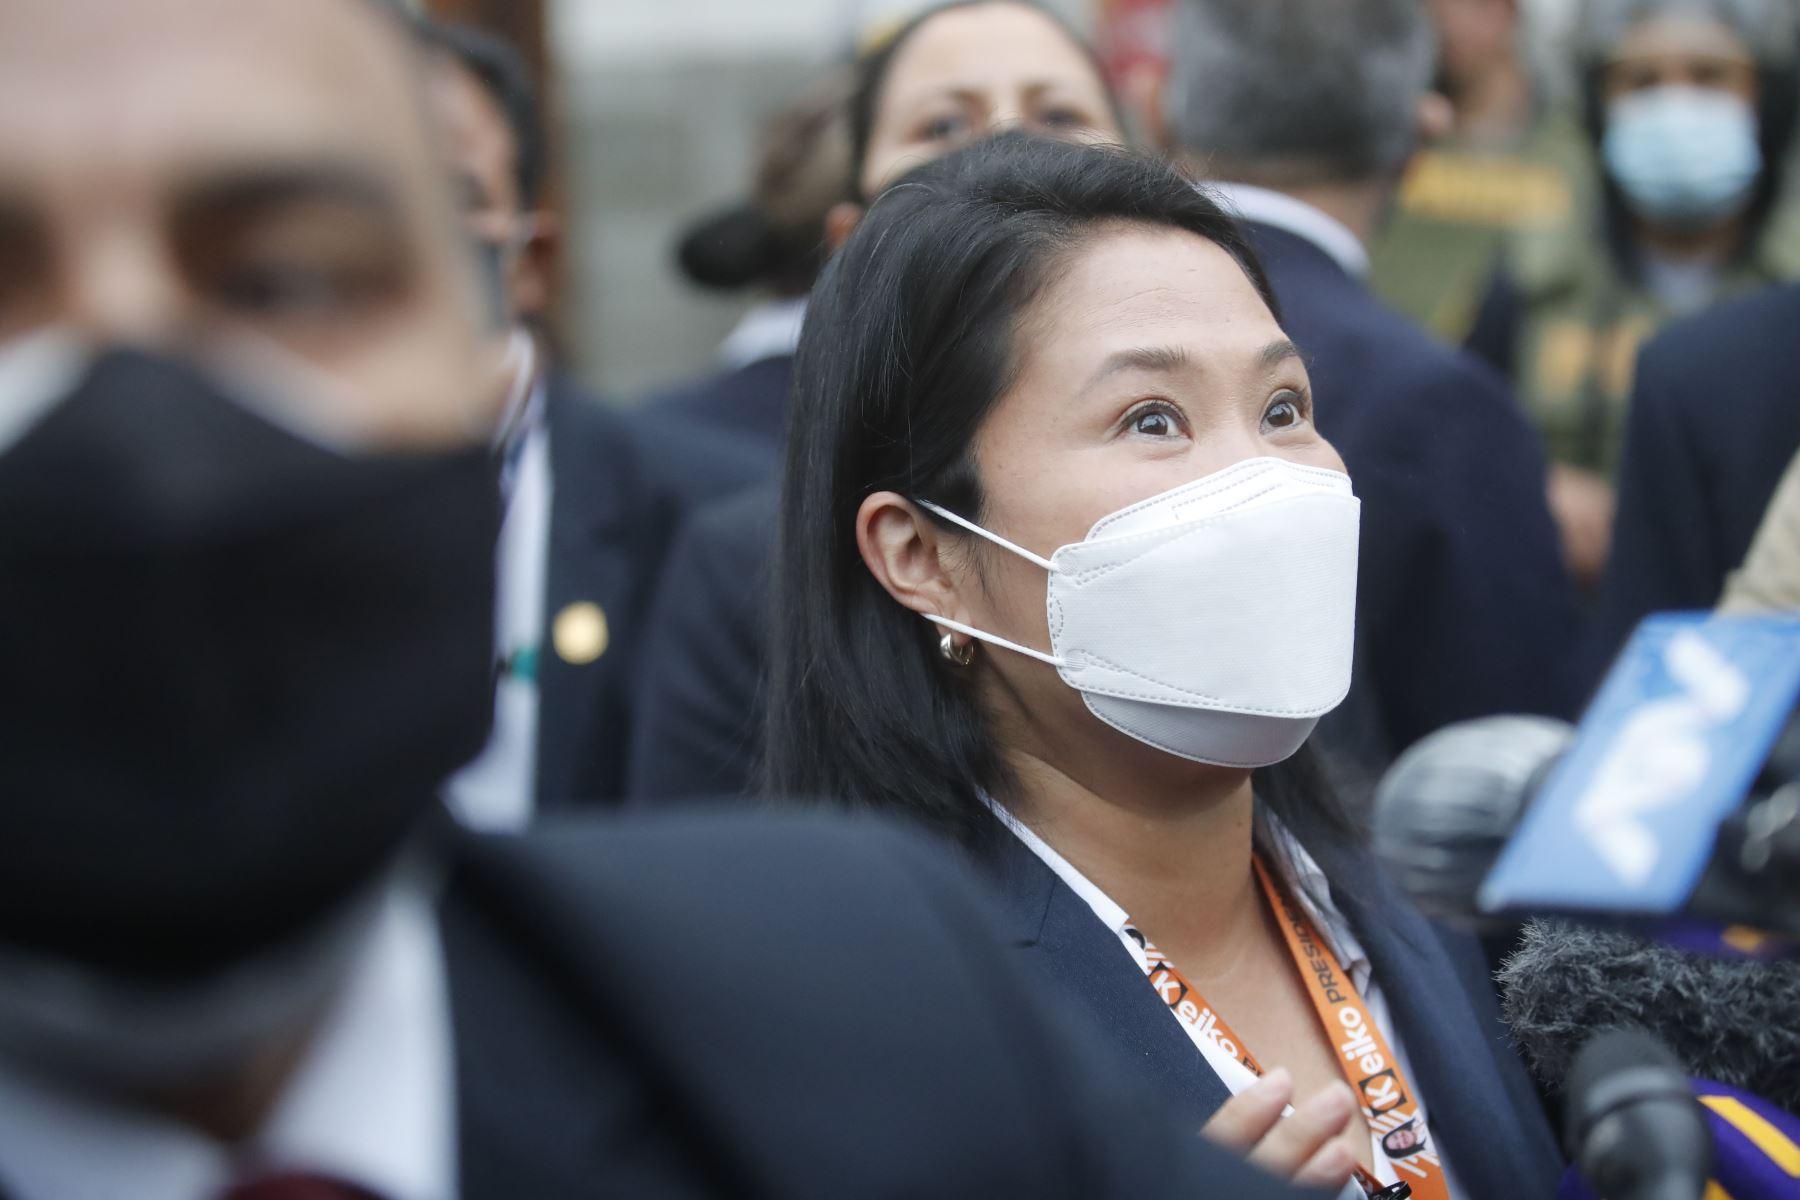 La candidata presidencial, Keiko Fujimori, a su salida de la sala de audiencia del Poder Judicial. Foto: ANDINA/Juan Carlos Guzmán